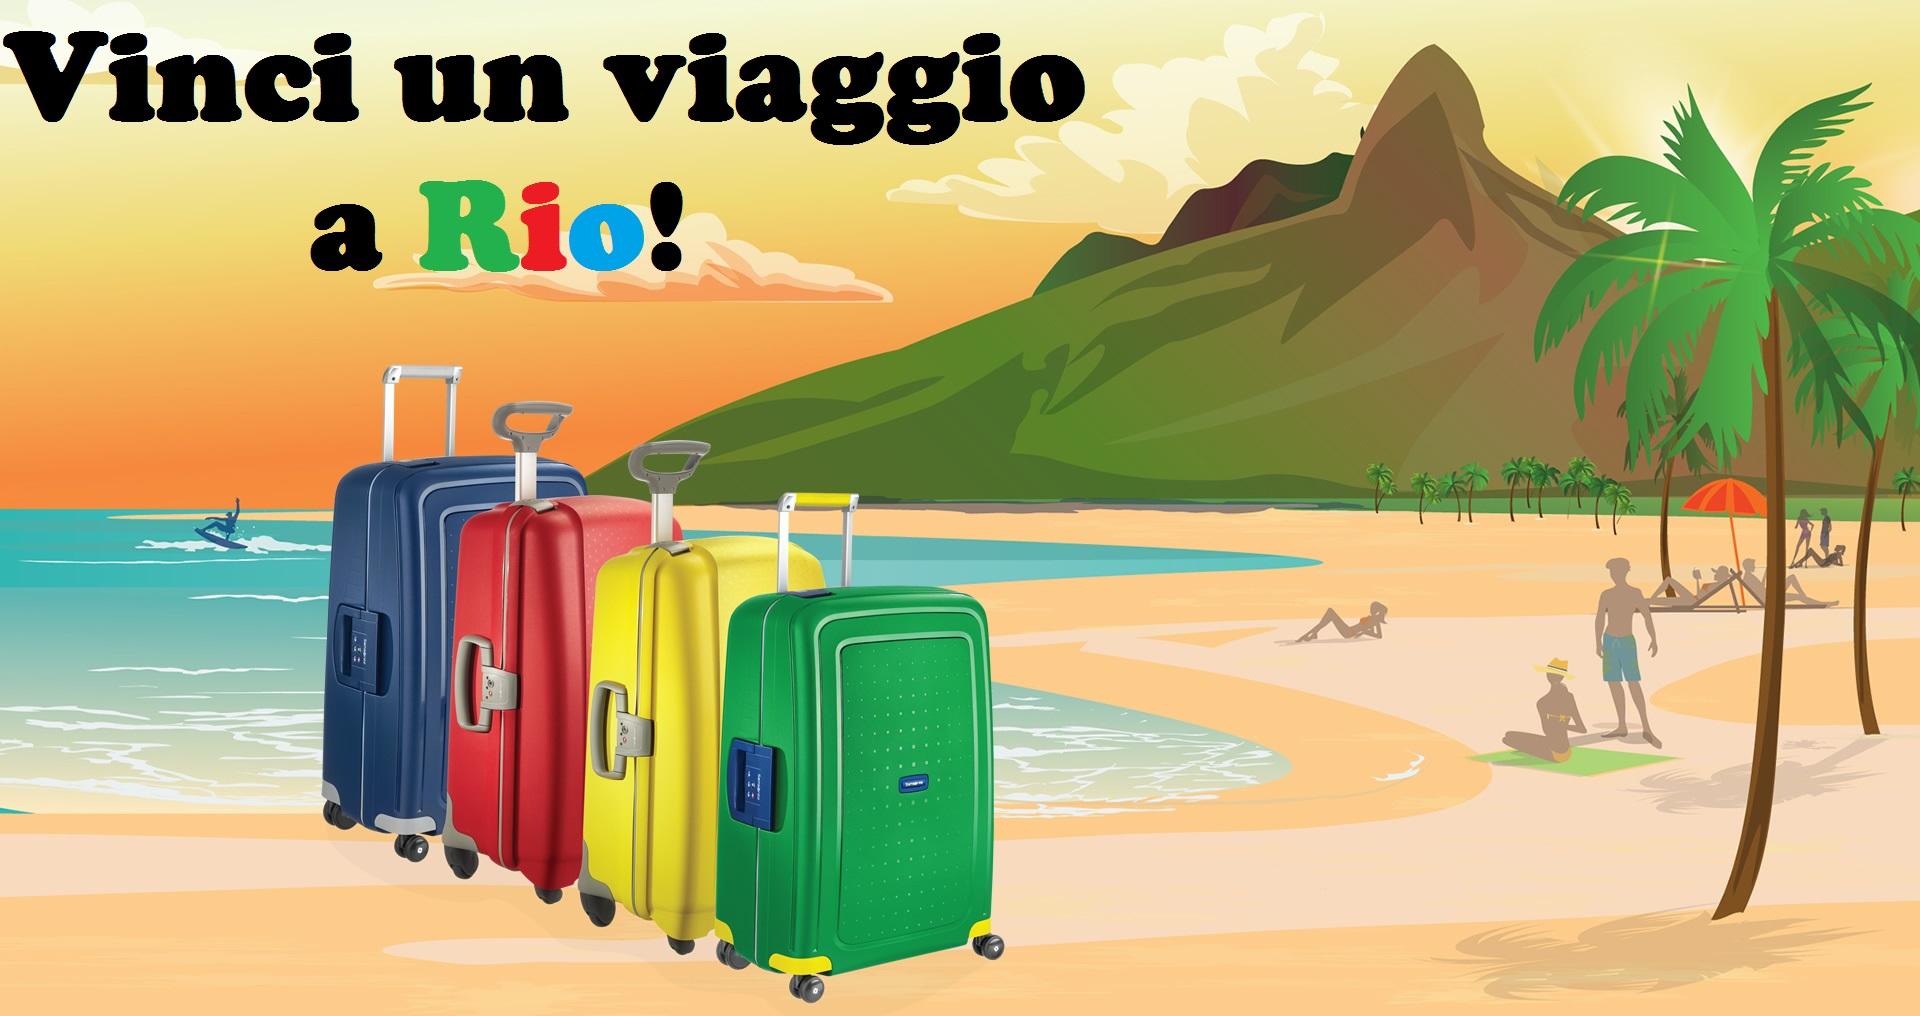 Vinci un viaggio a Rio con Samsonite